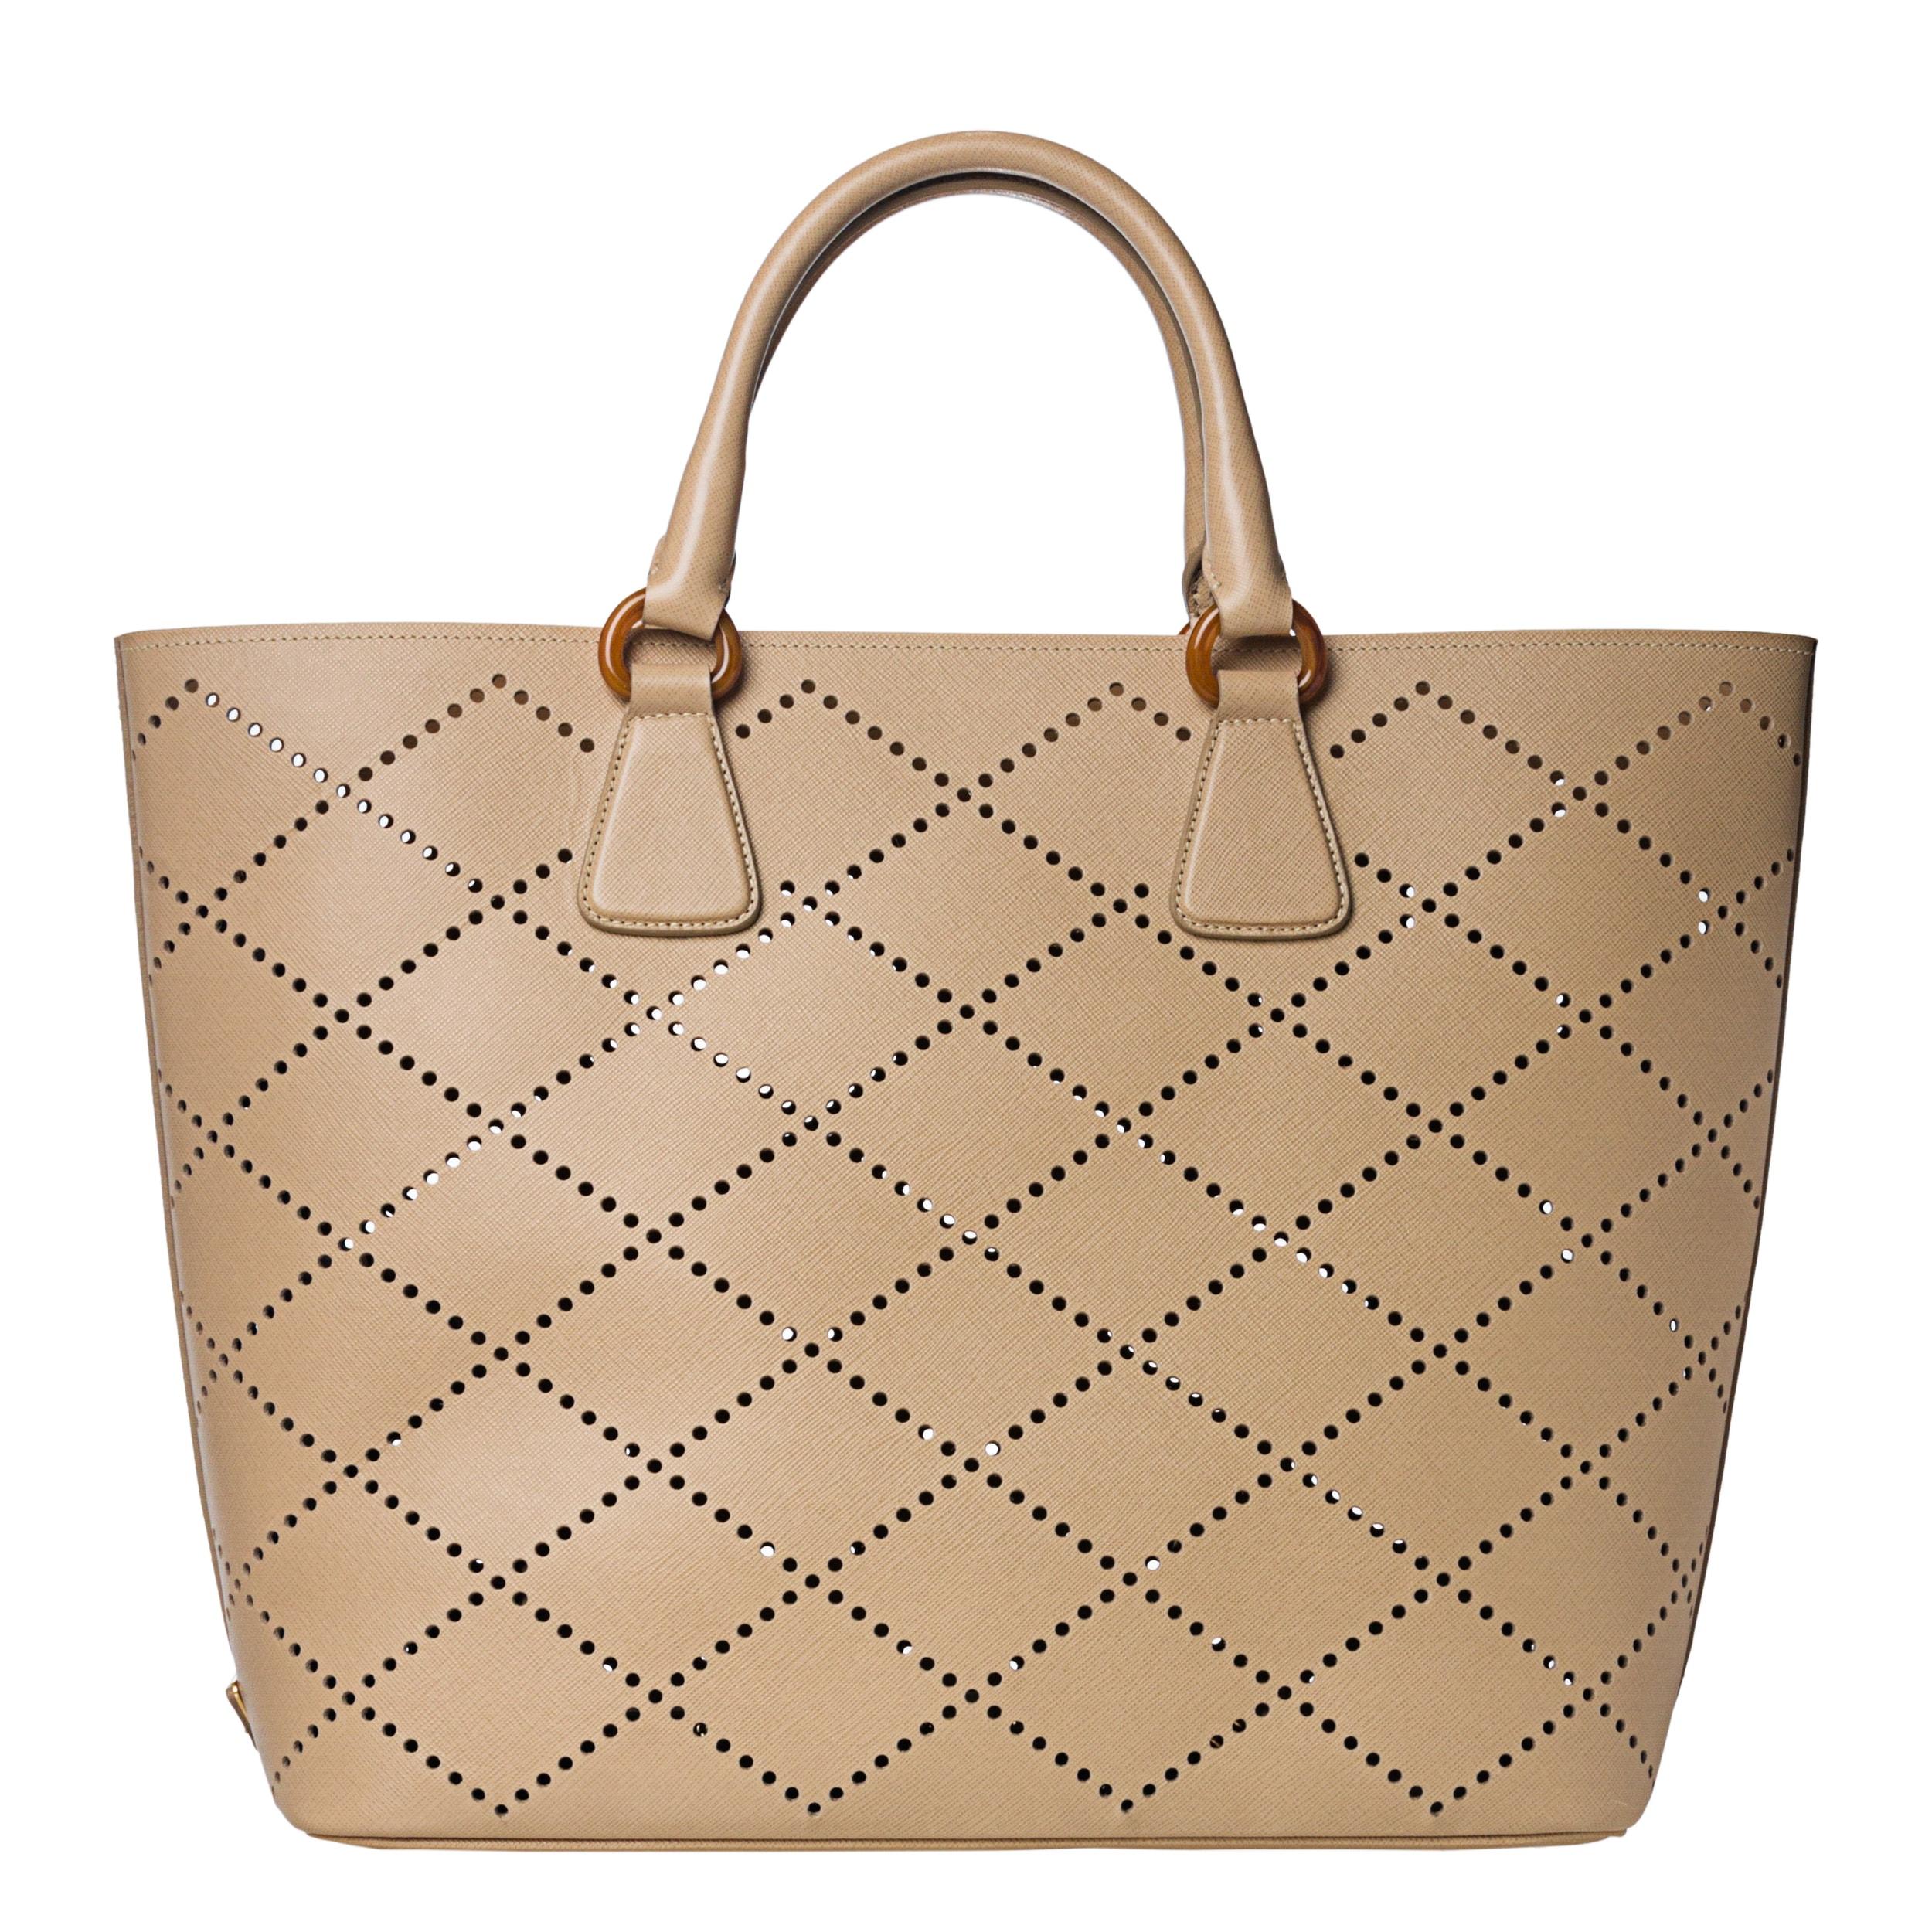 f82a047928c9 ... authentic prada large beige perforated saffiano leather tote bag ed6ac  298e1